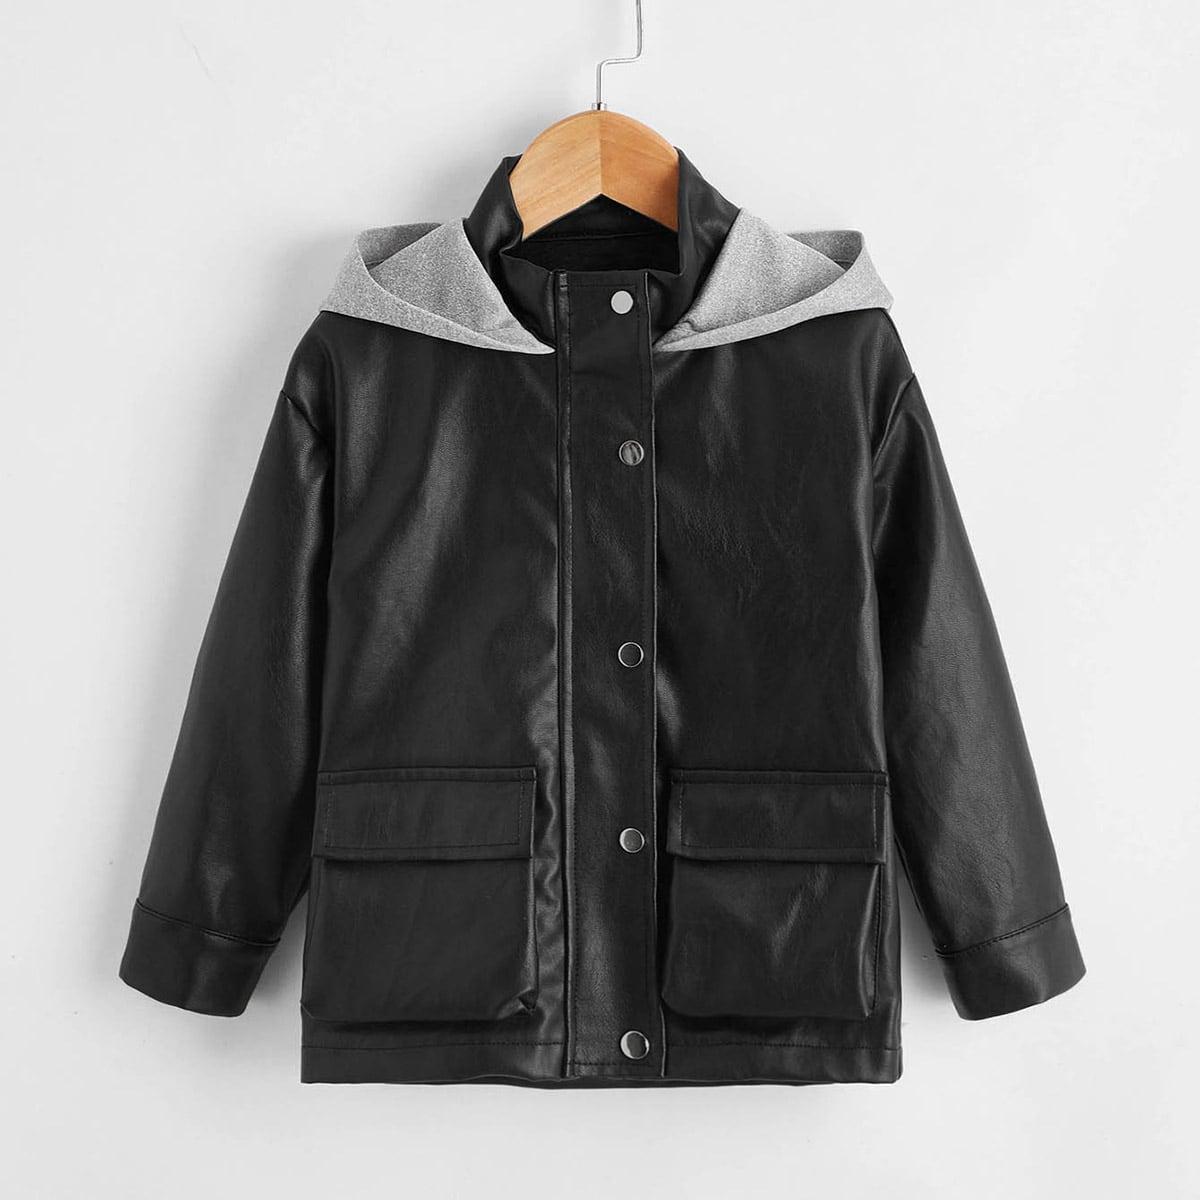 Пальто из искусственной кожи с карманом и капюшоном для мальчиков